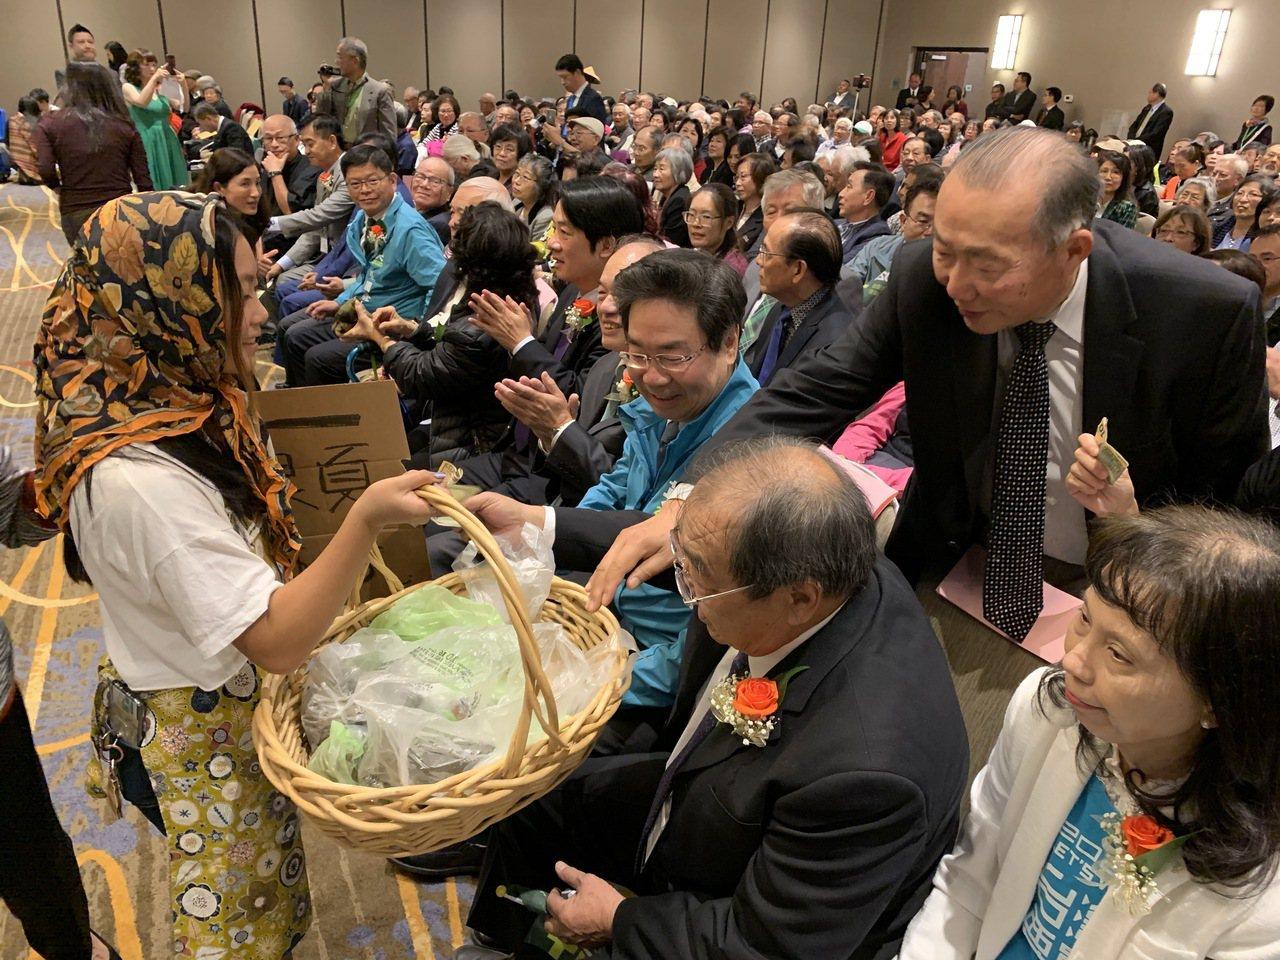 活動現場也請戴著斗笠、手提竹籃的志工義賣粽子、豆乳,僑胞踴躍參與。記者林亞歆/攝...